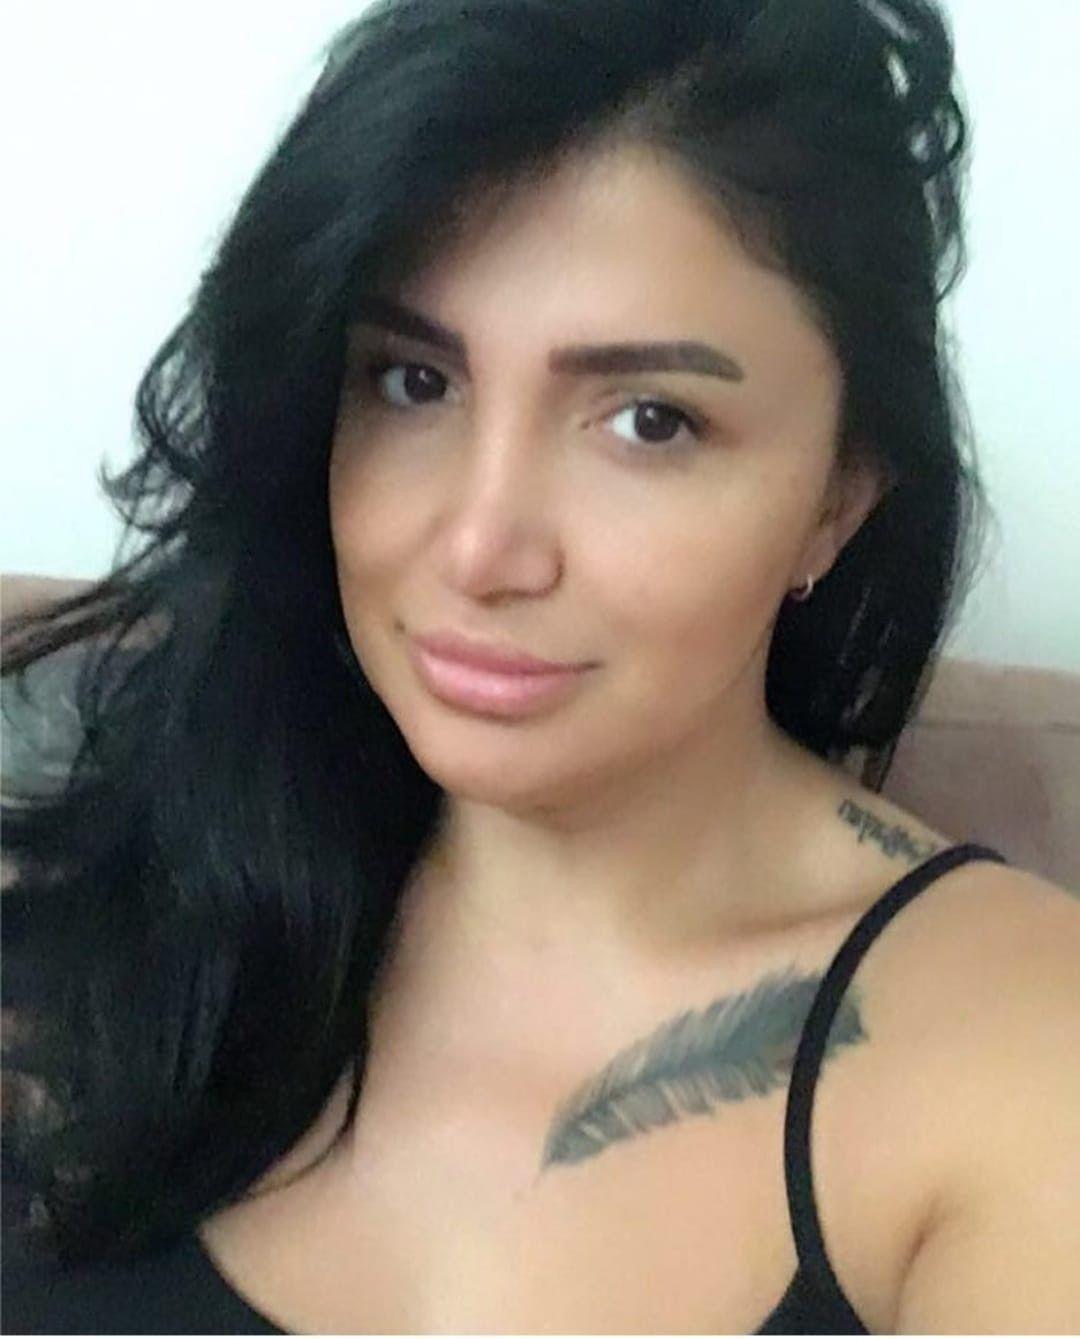 Burak Sergen'den Nihan Ünsal'a zina gerekçesiyle boşanma davası! O fotoğrafları mahkemeye sundu - Sayfa 4